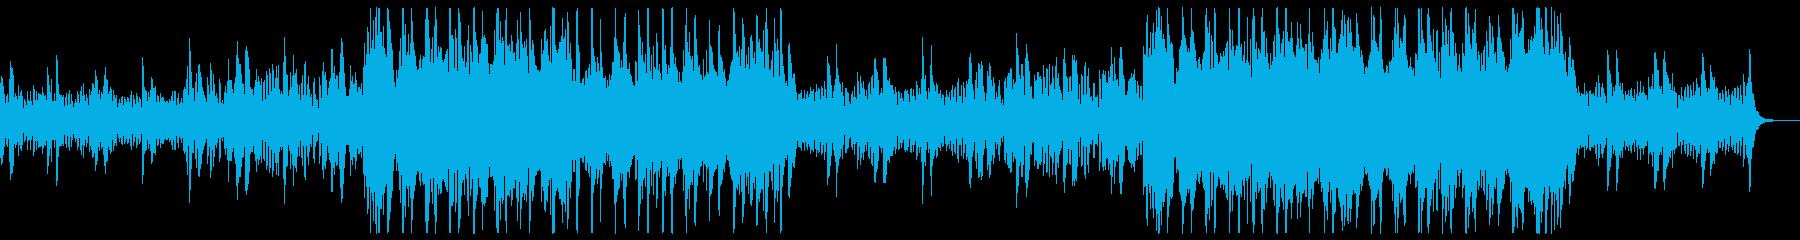 企業VP系 明るいオーケストラの再生済みの波形